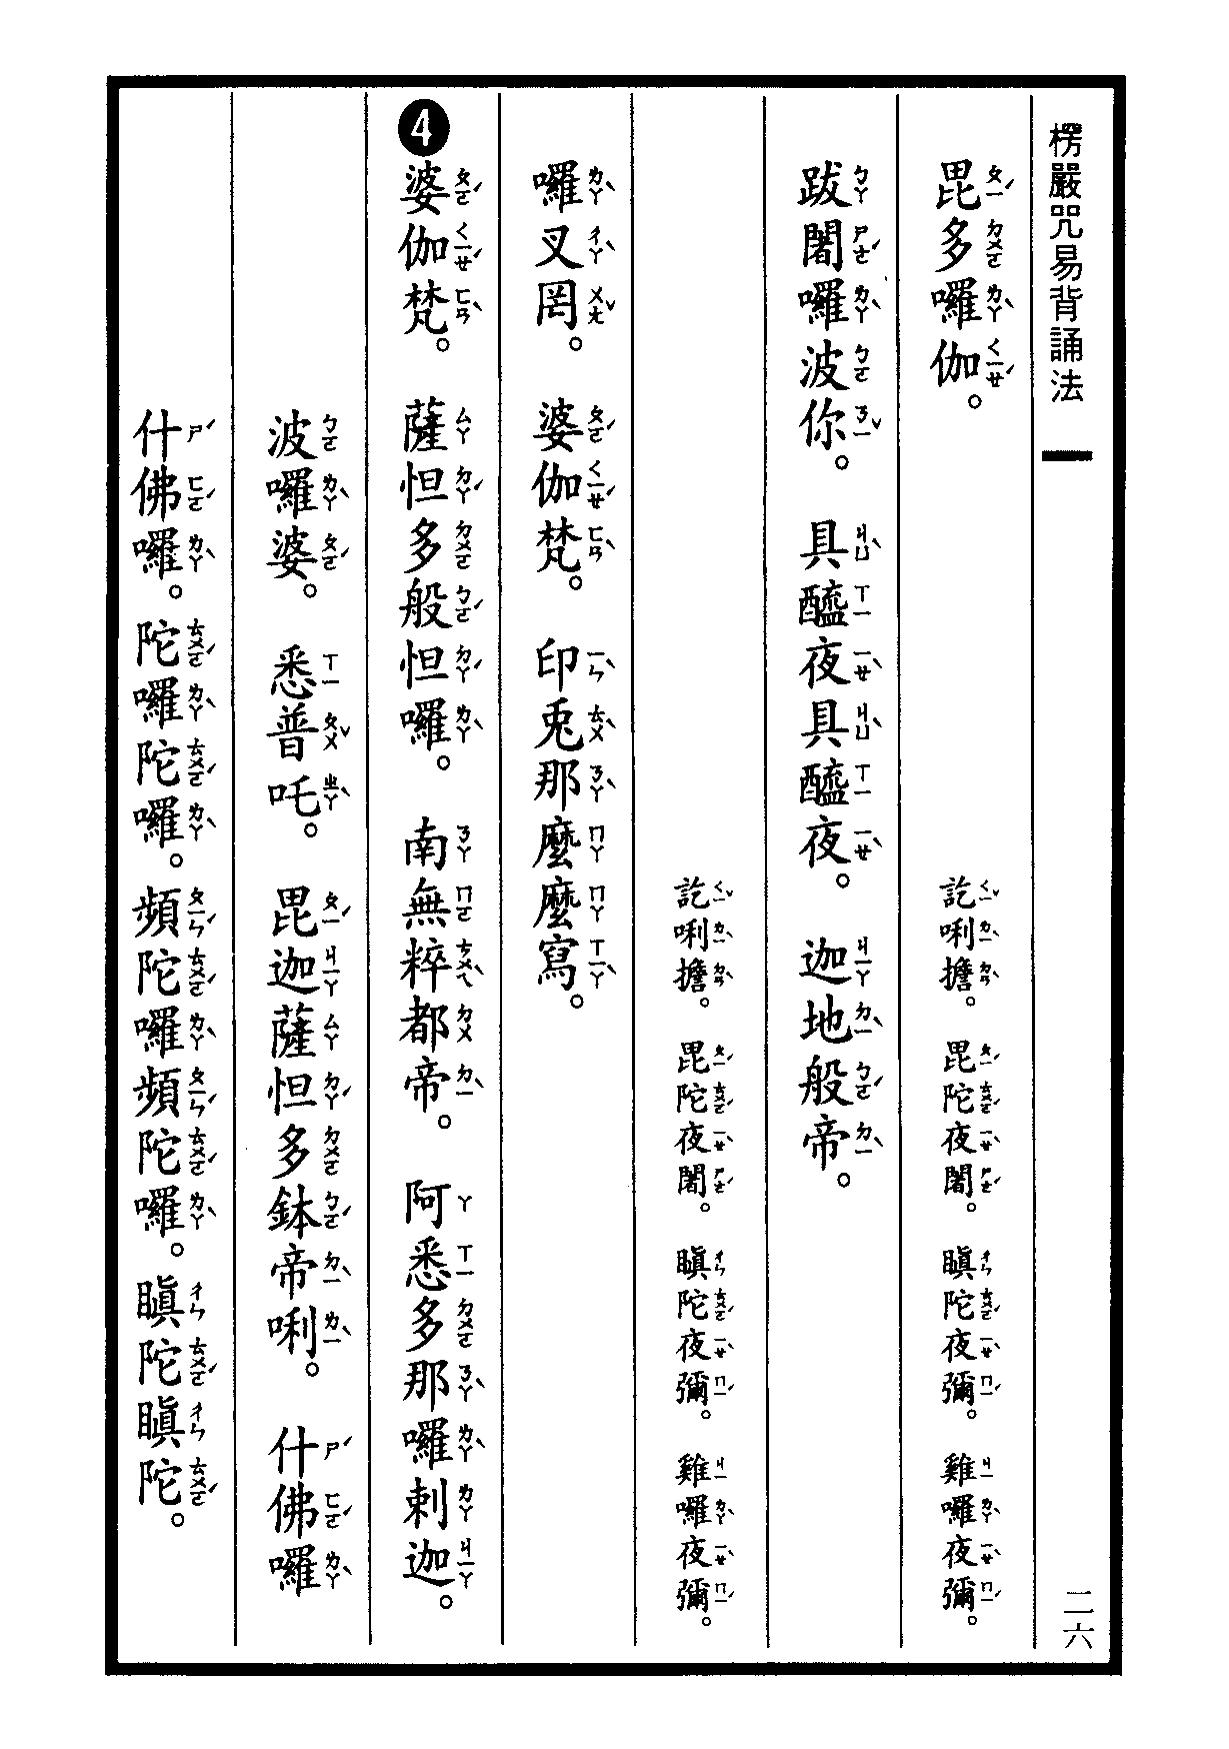 楞嚴咒-大悲咒-十小咒-易背本 32.png